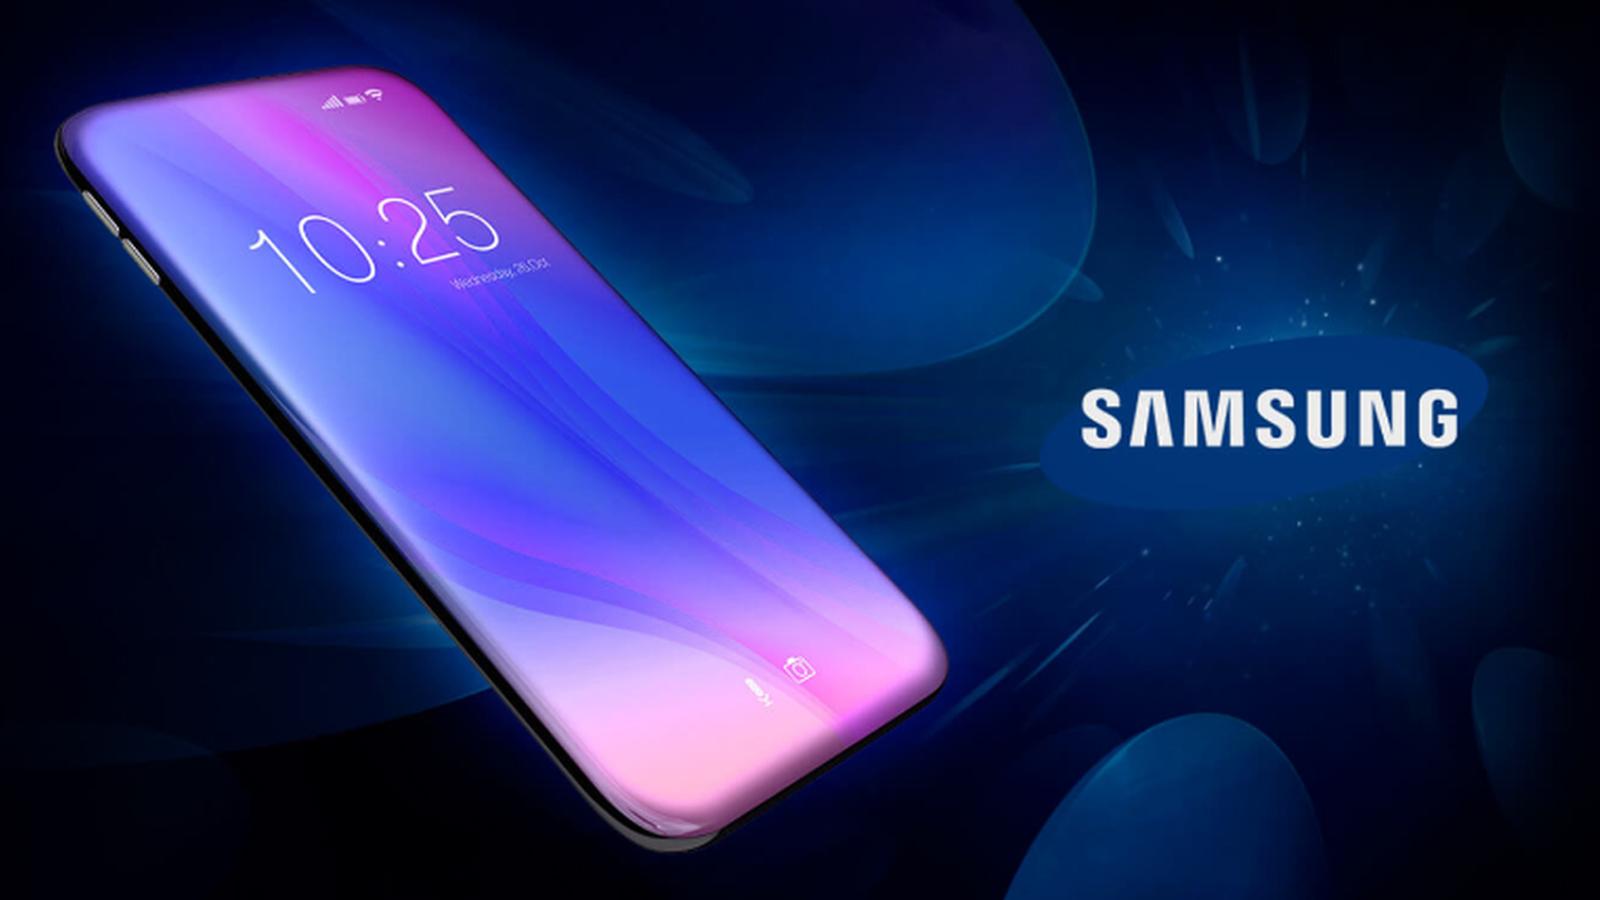 Pour mettre fin à l'encoche, voici la solution de Samsung